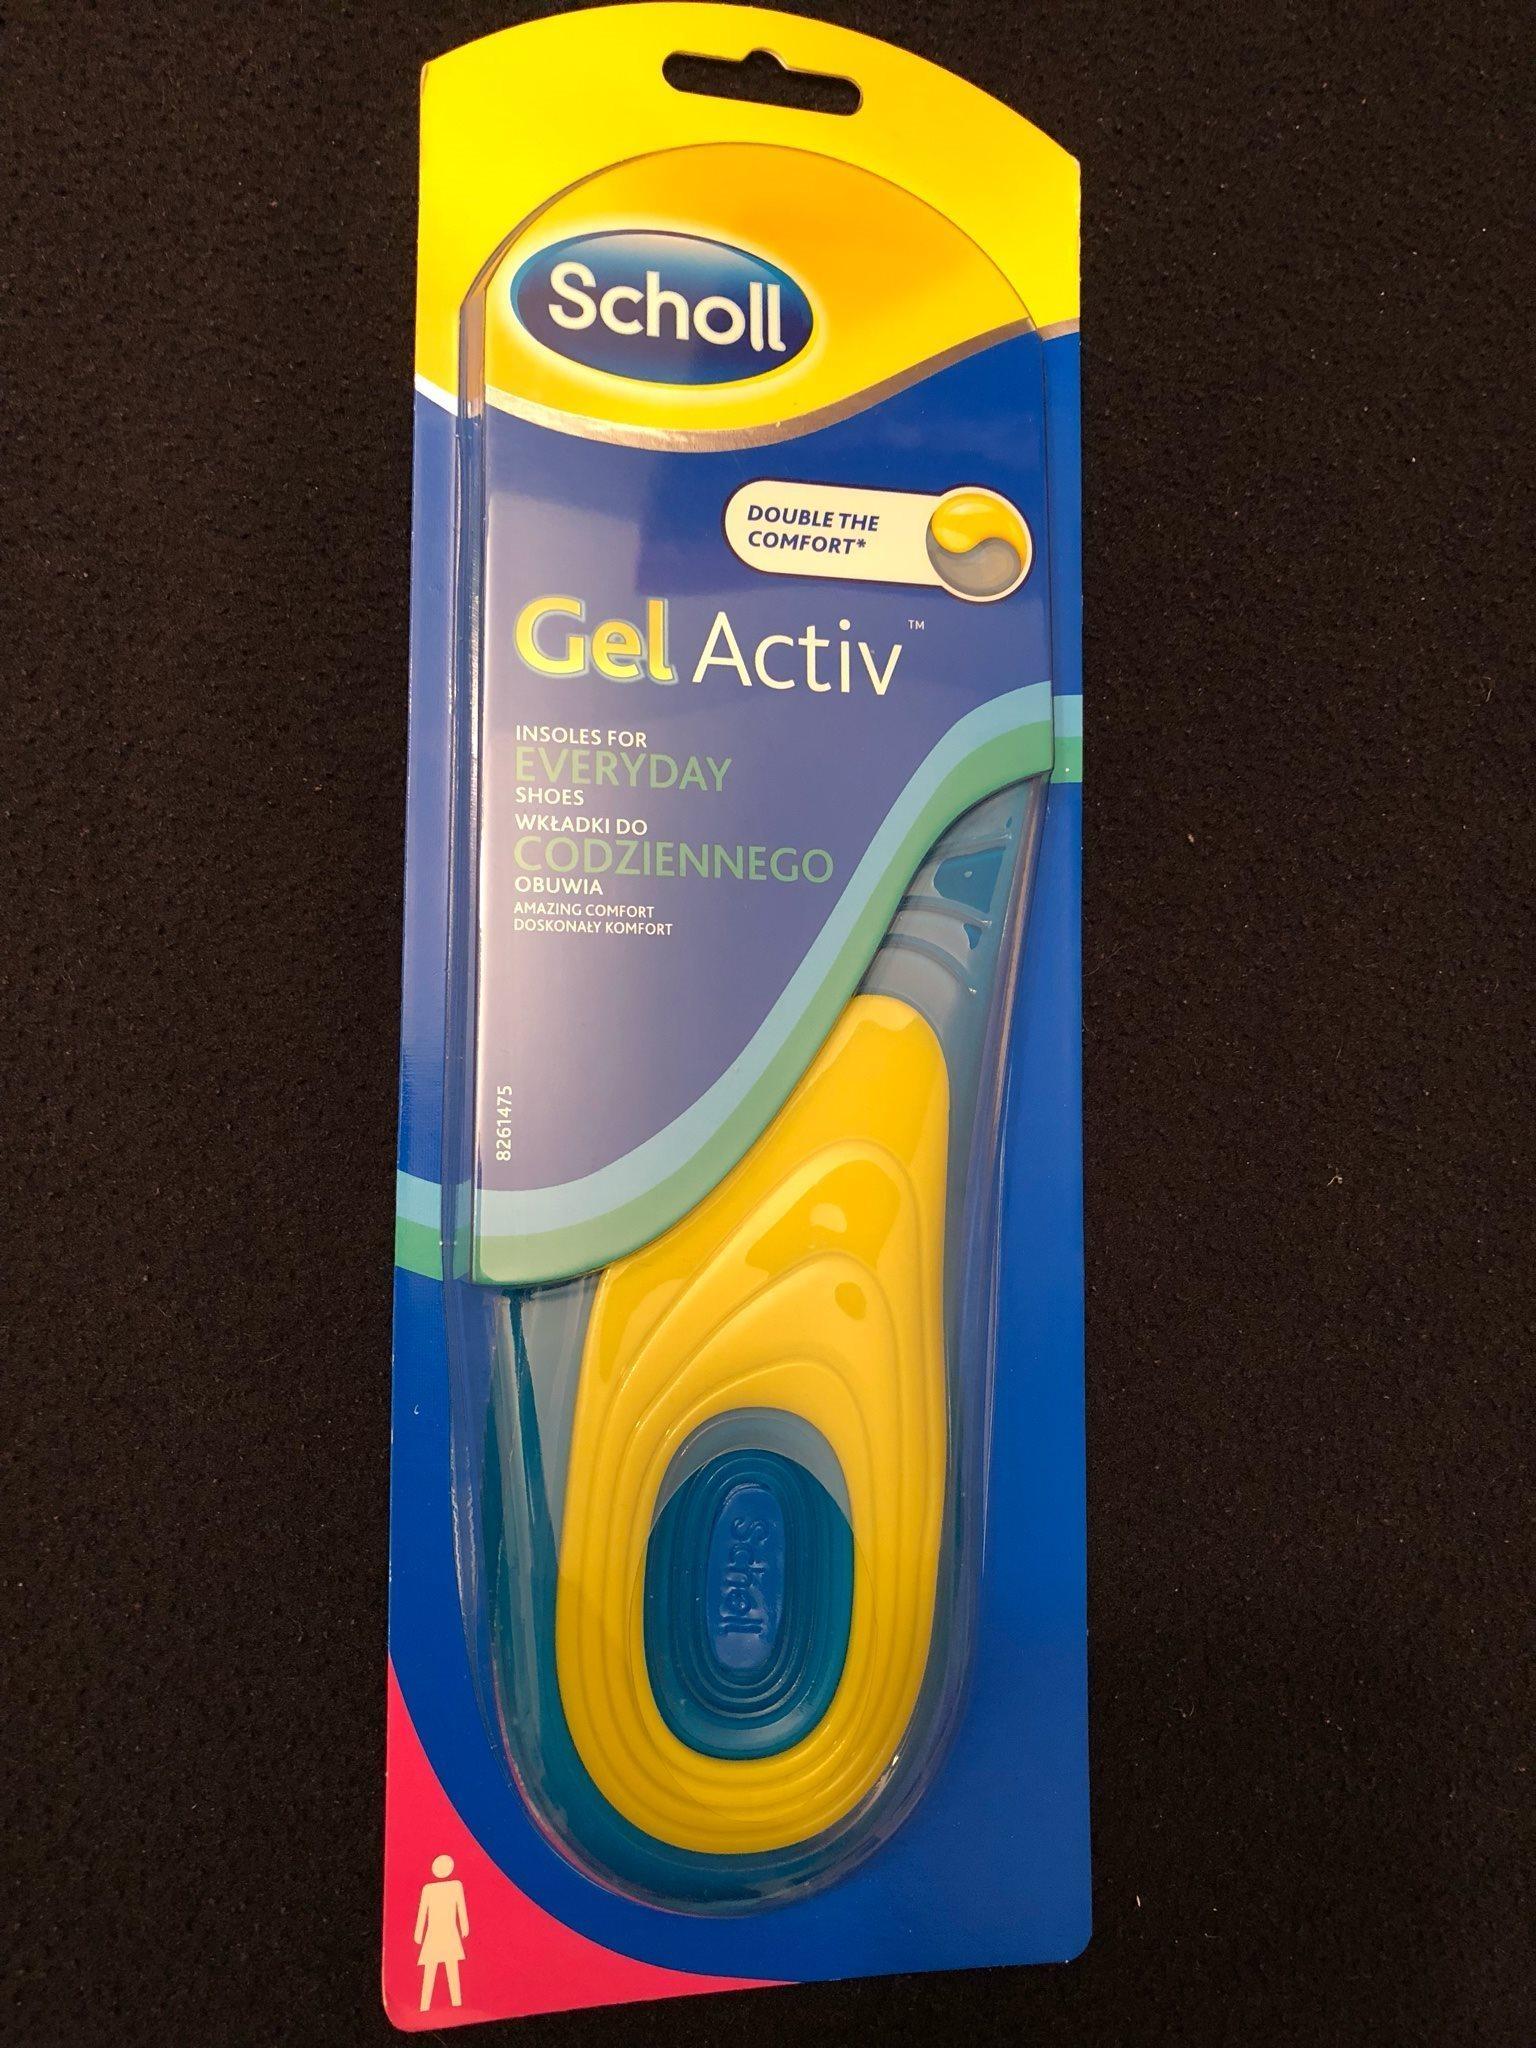 2411945358f Gel activ sula. Scholl GelActiv Sulor Everyday Heels